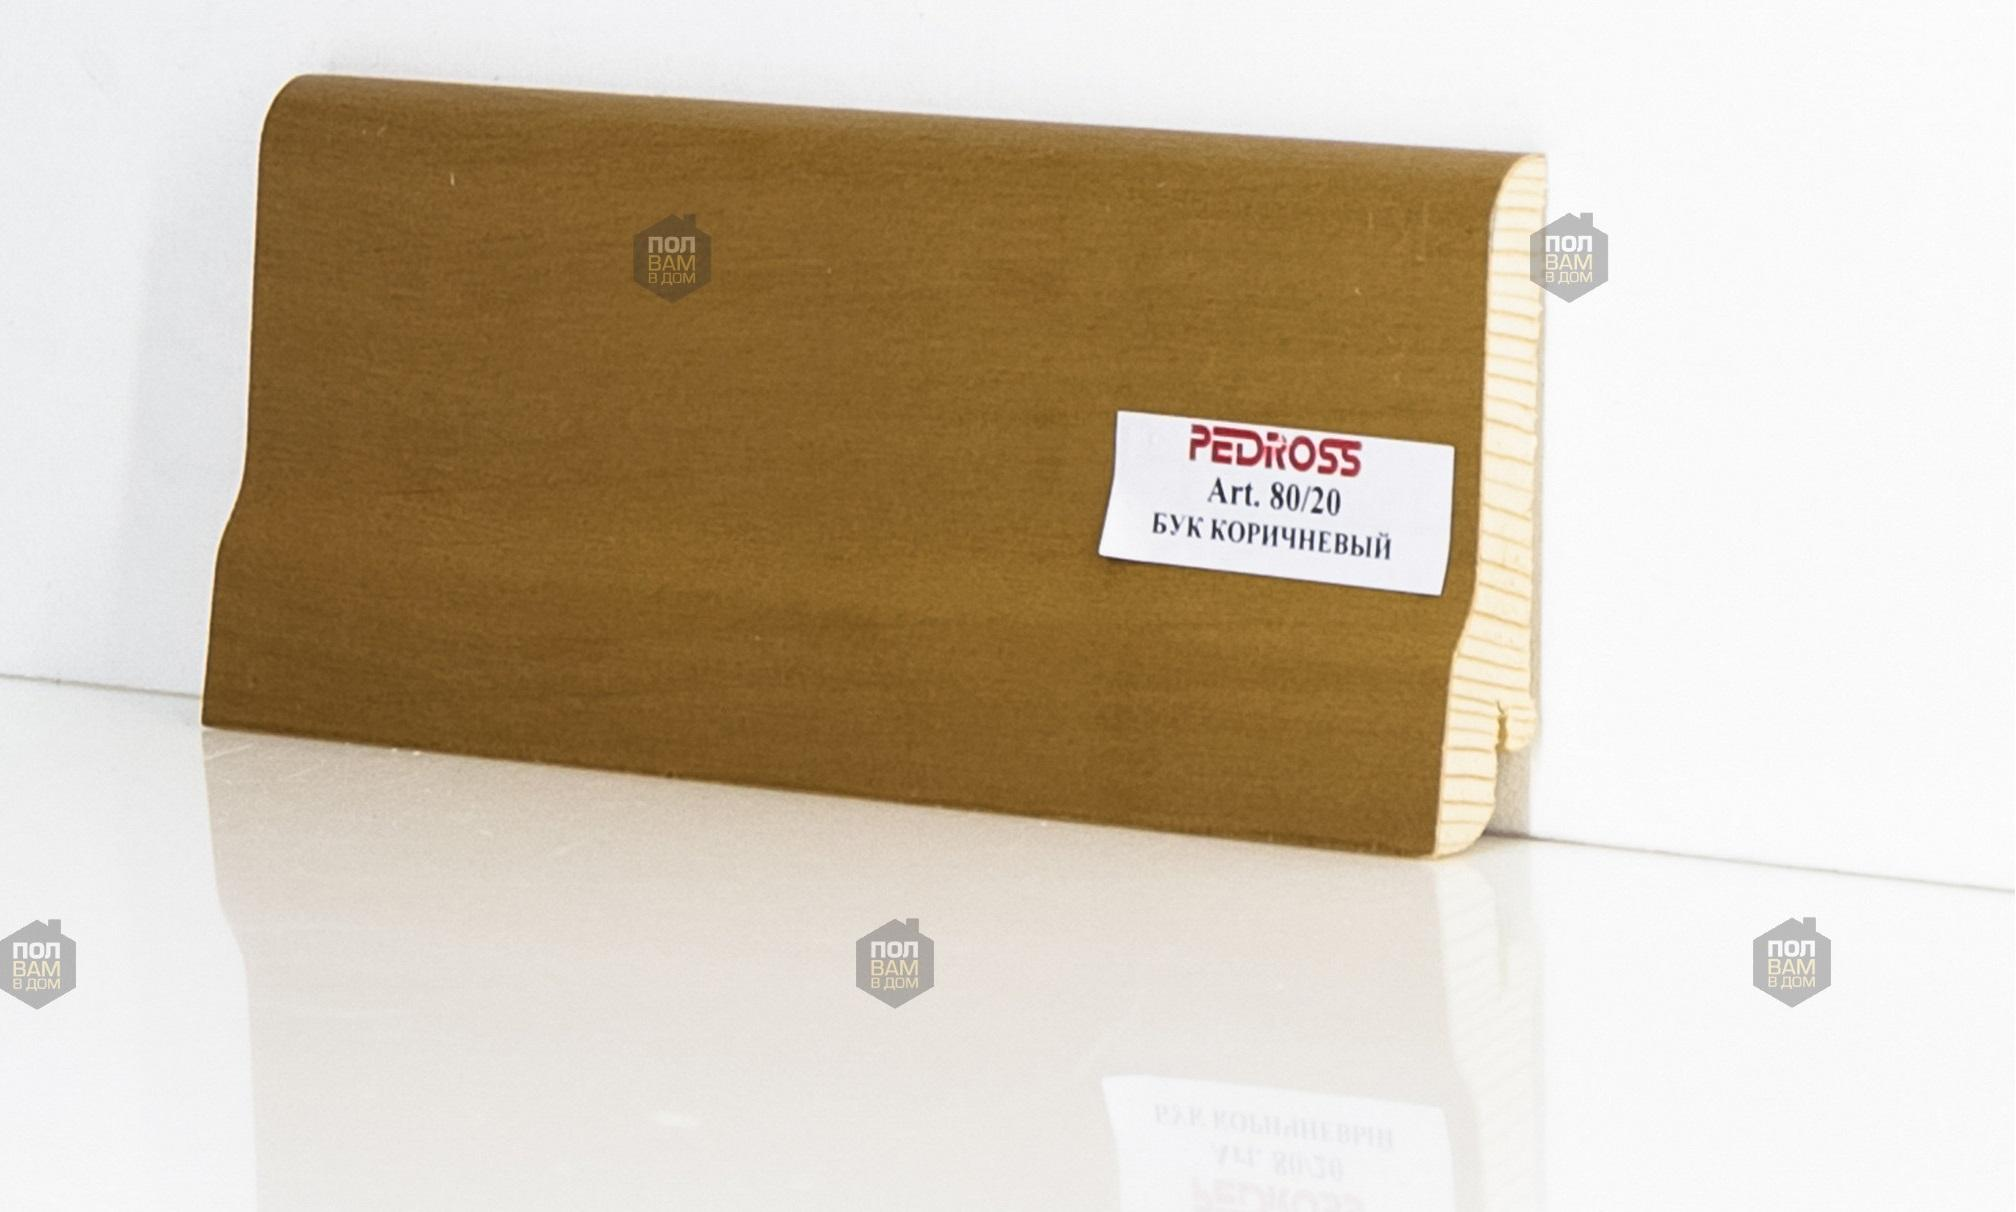 Плинтус напольный Pedross бук коричневый